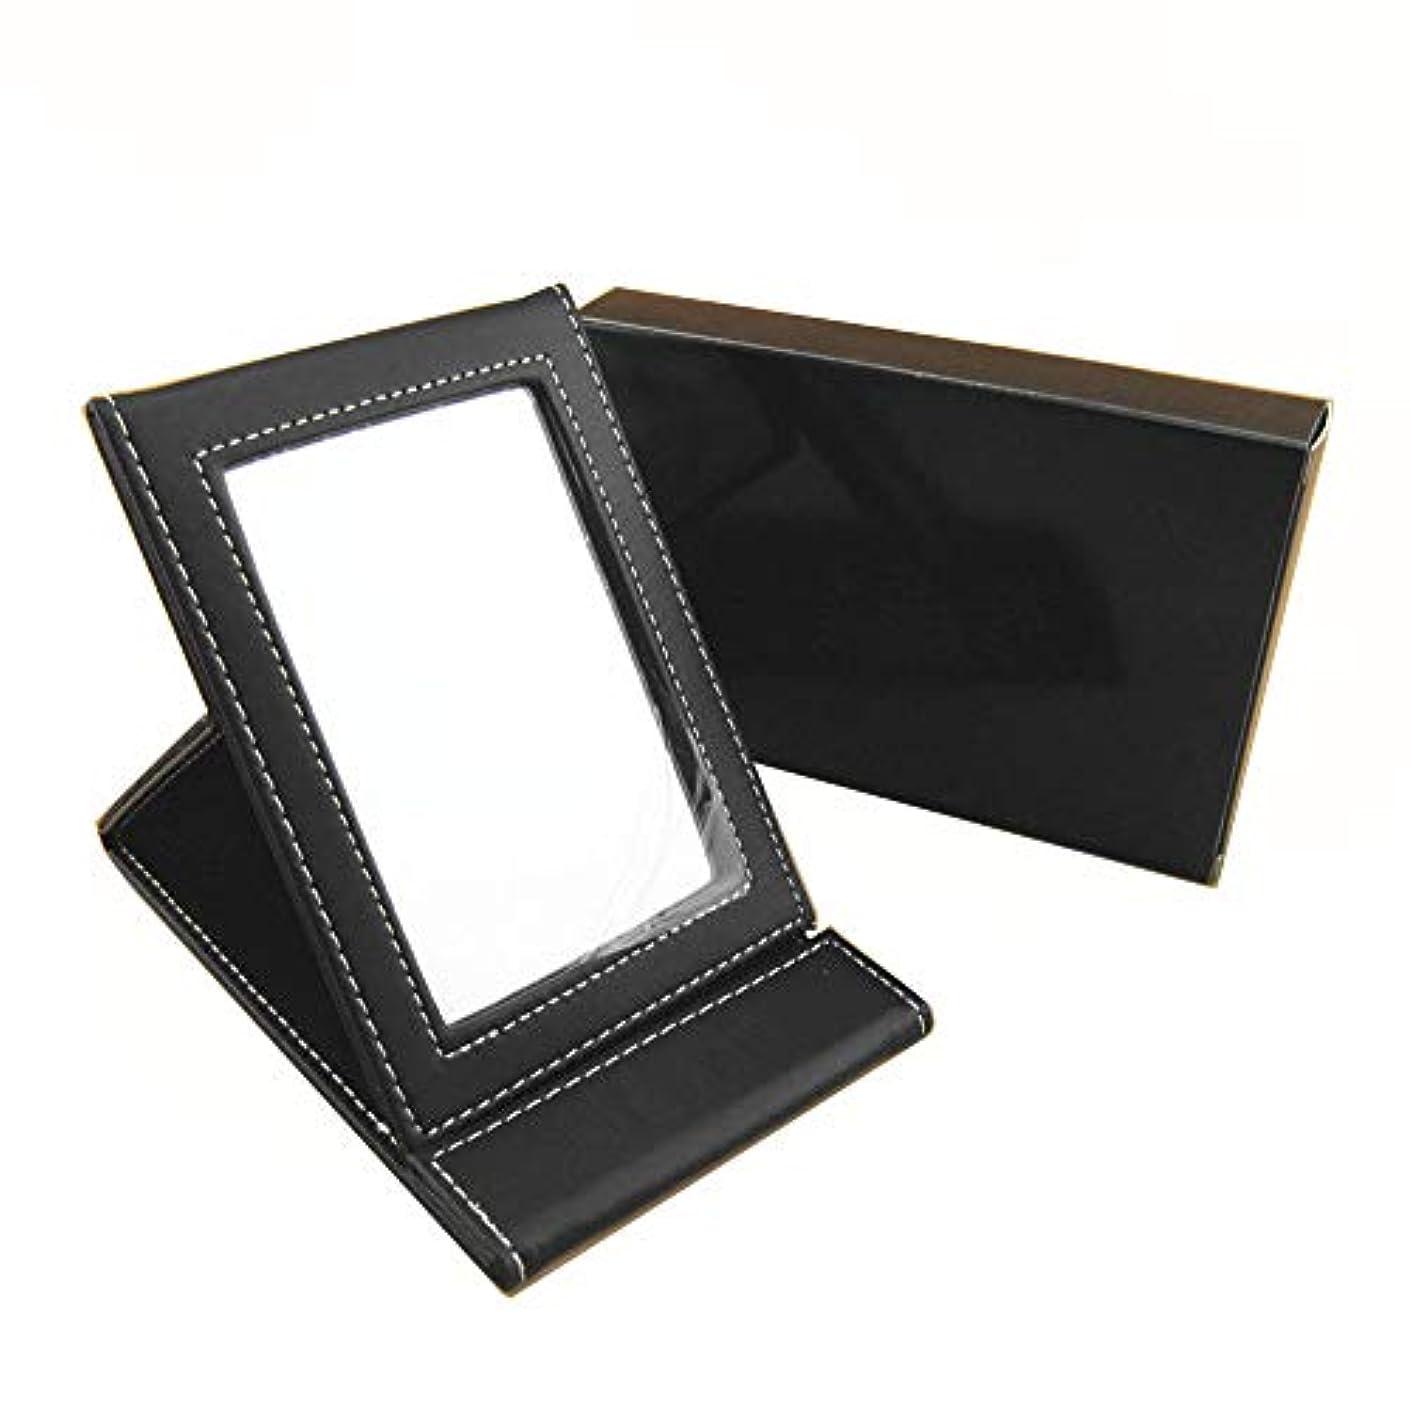 賠償インフルエンザおとなしいCikoume 化粧鏡 折り畳み鏡 デスクトップ ミラー 携帯 A4サイズ 卓上 鏡 上質PUレザー使用 【ブラック】